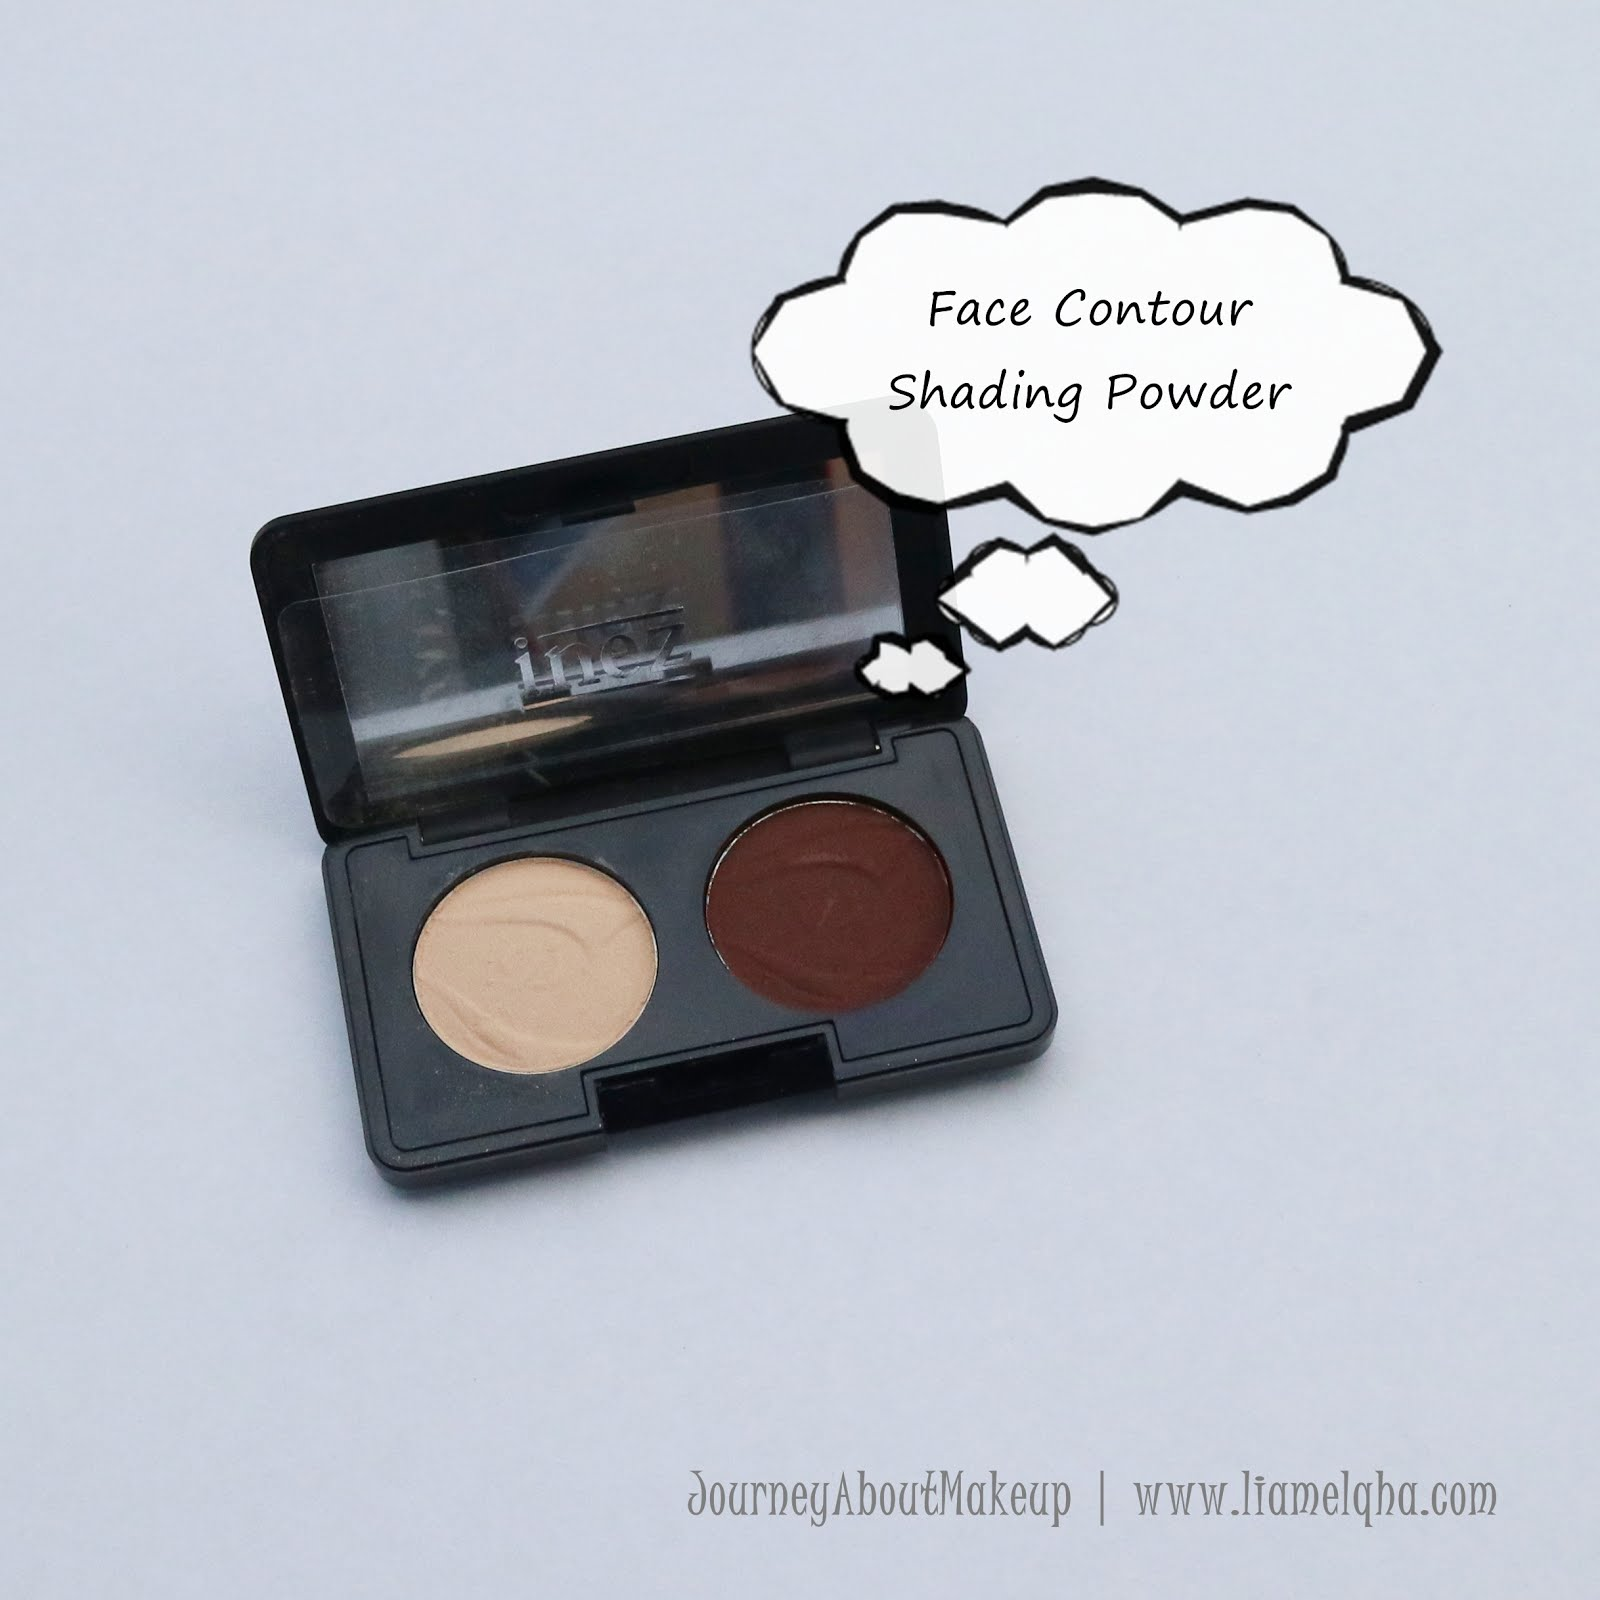 Makeuplooks Langkah Glam Makeup Bersama Inez Cosmetics Correcting Cream Vivid Setelah Mengkontur Pipi Aku Tambahkan Blush On Autumn Rose 04 Yang Ada Di Luxury Pack Untuk Mengembalikan Rona Wajahku